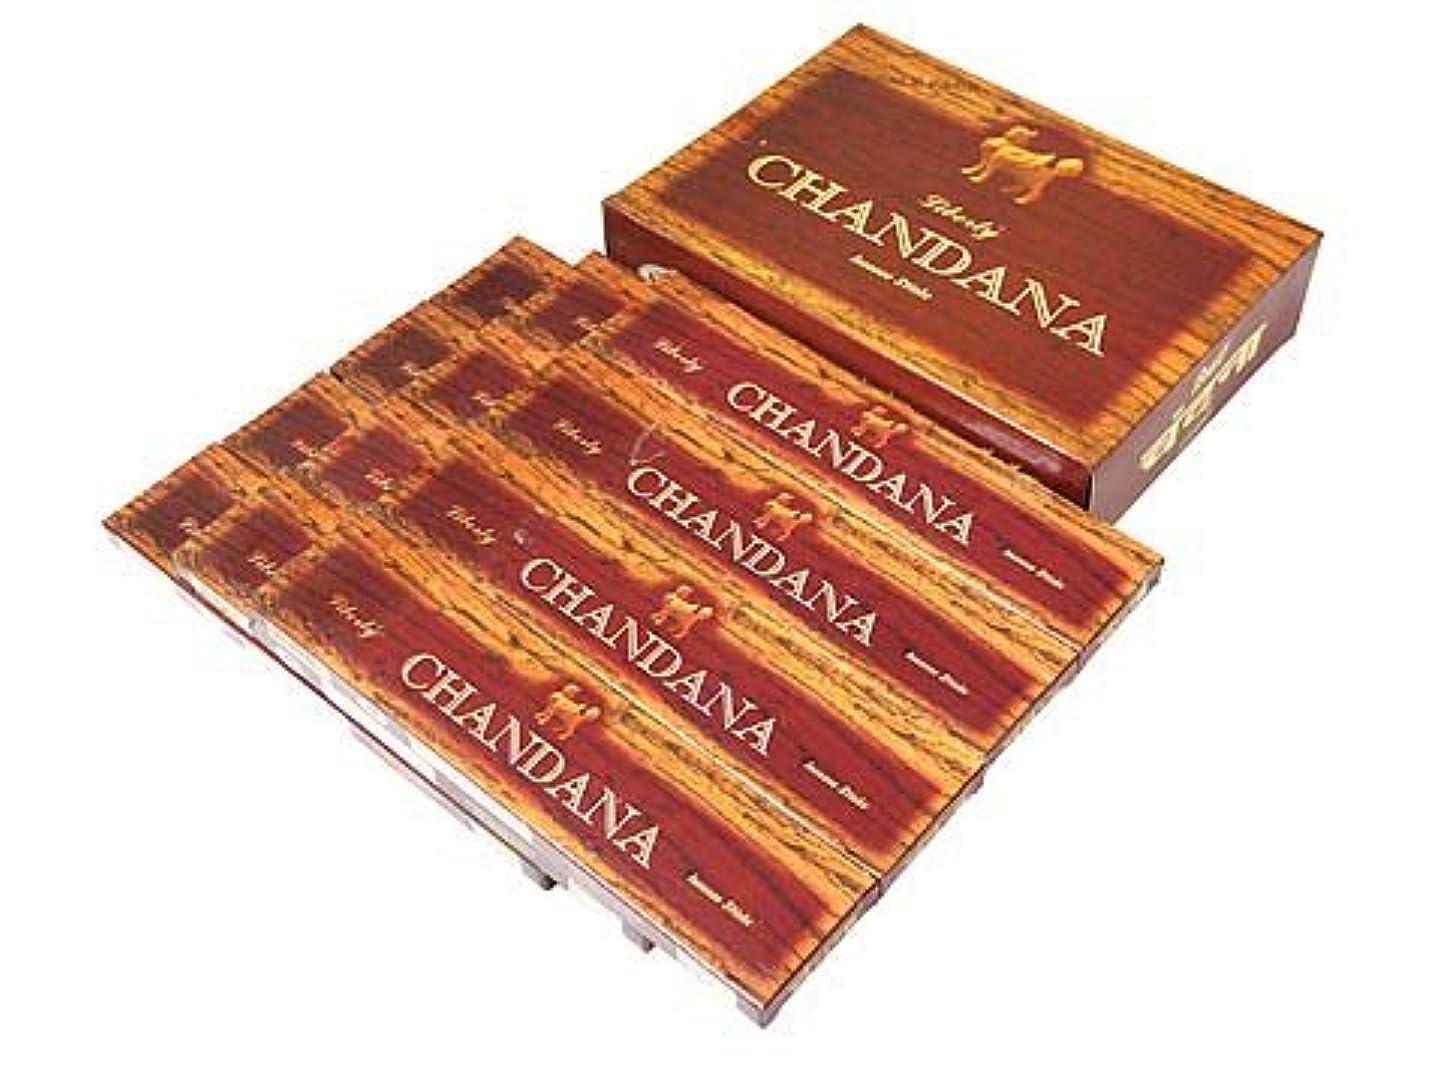 スポーツをする季節自分のためにLIBERTY'S(リバティーズ) チャンダナ香 スティック CHANDANA 12箱セット